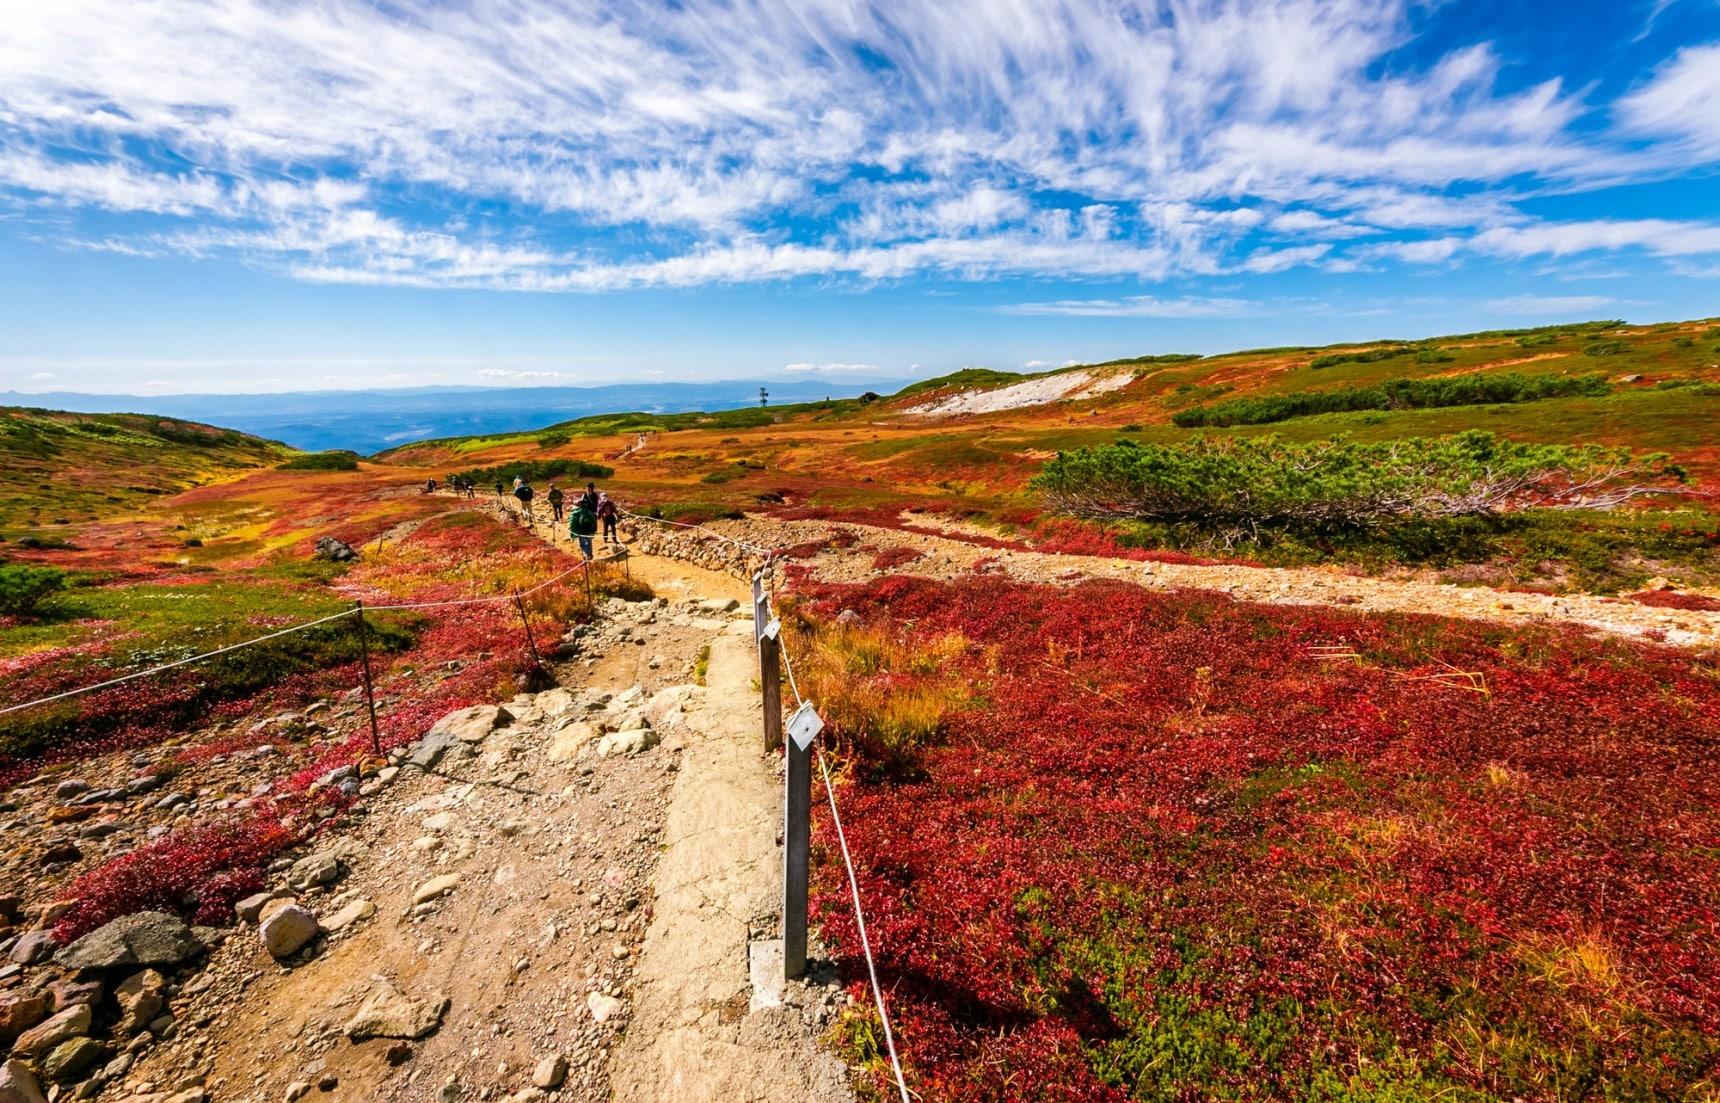 2016秋季去了绝不会后悔的日本红叶观赏圣地TOP4